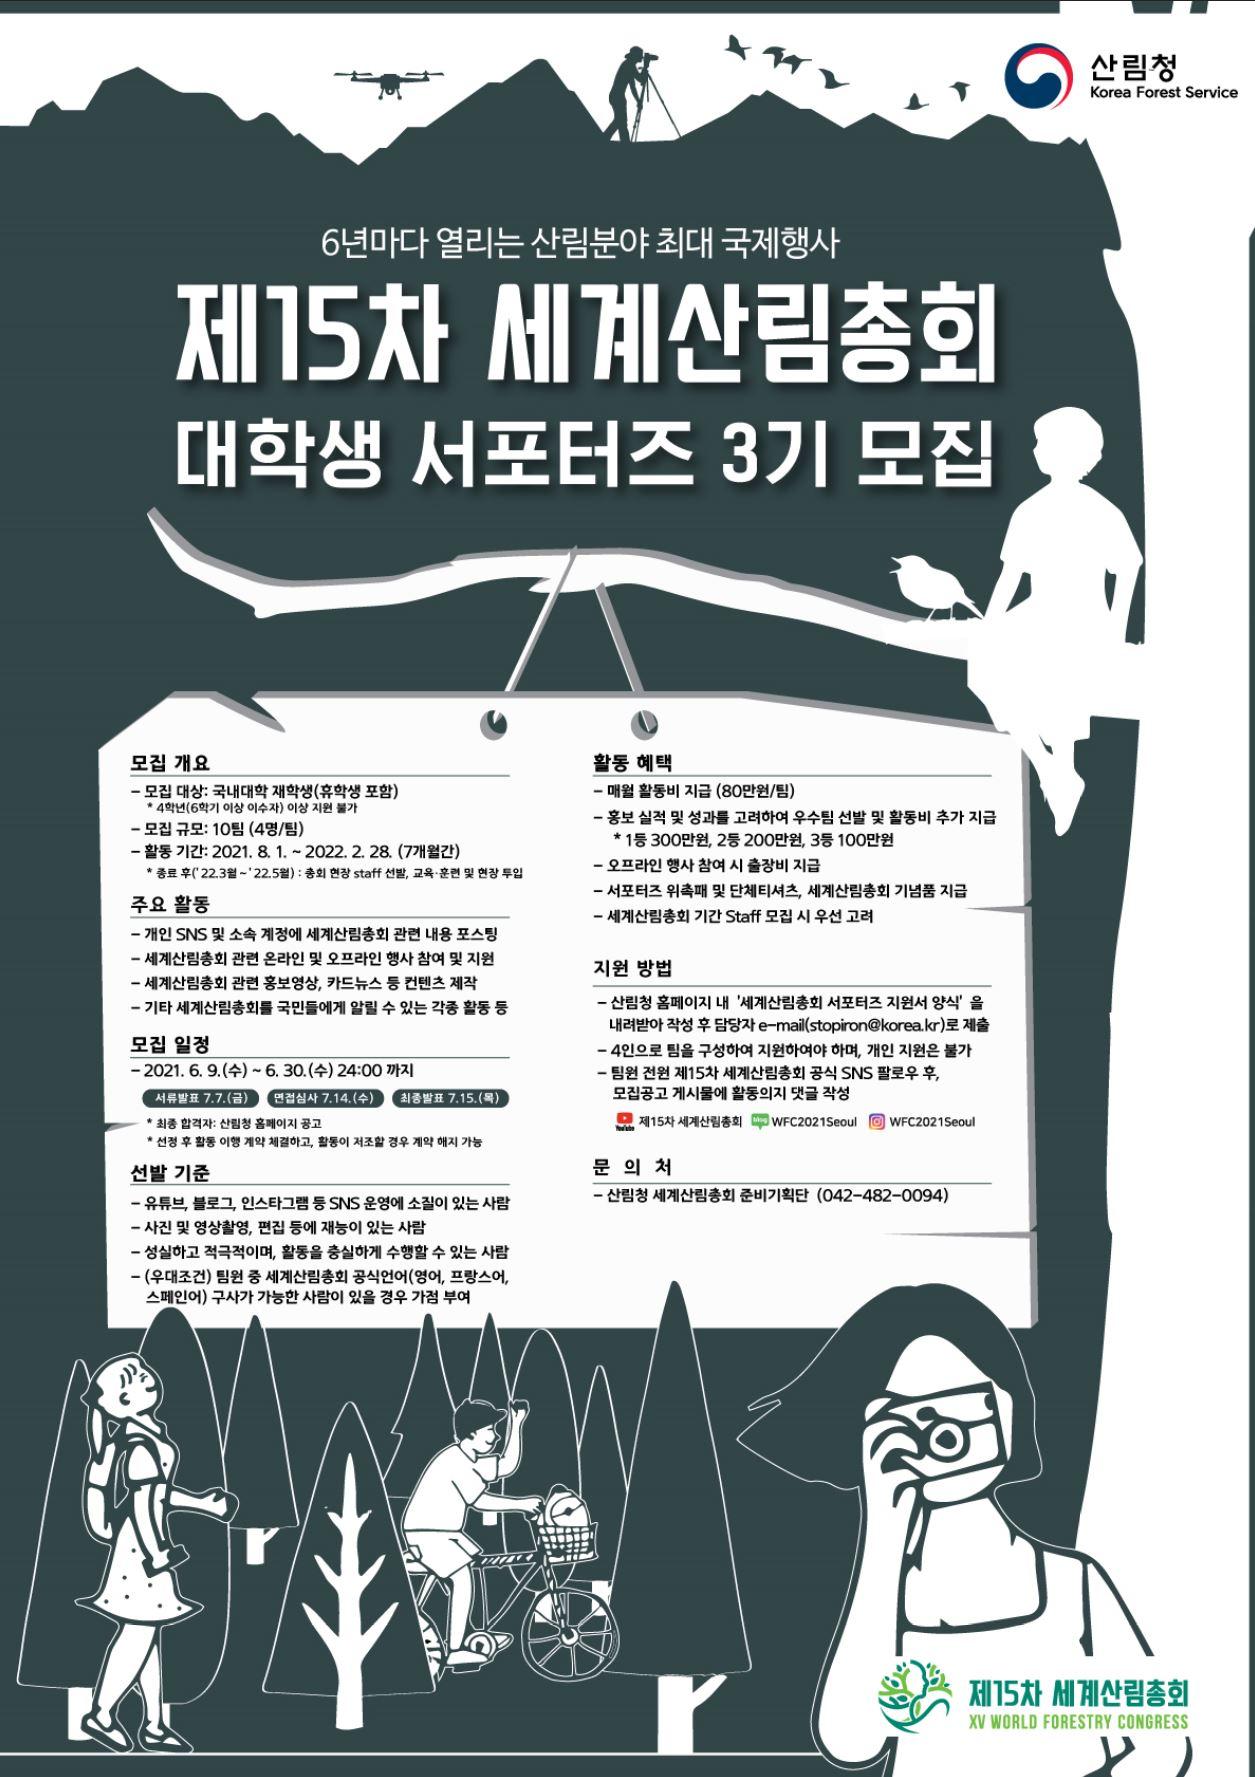 산림청 제15차 세계산림총회 대학생 서포터즈 3기 모집